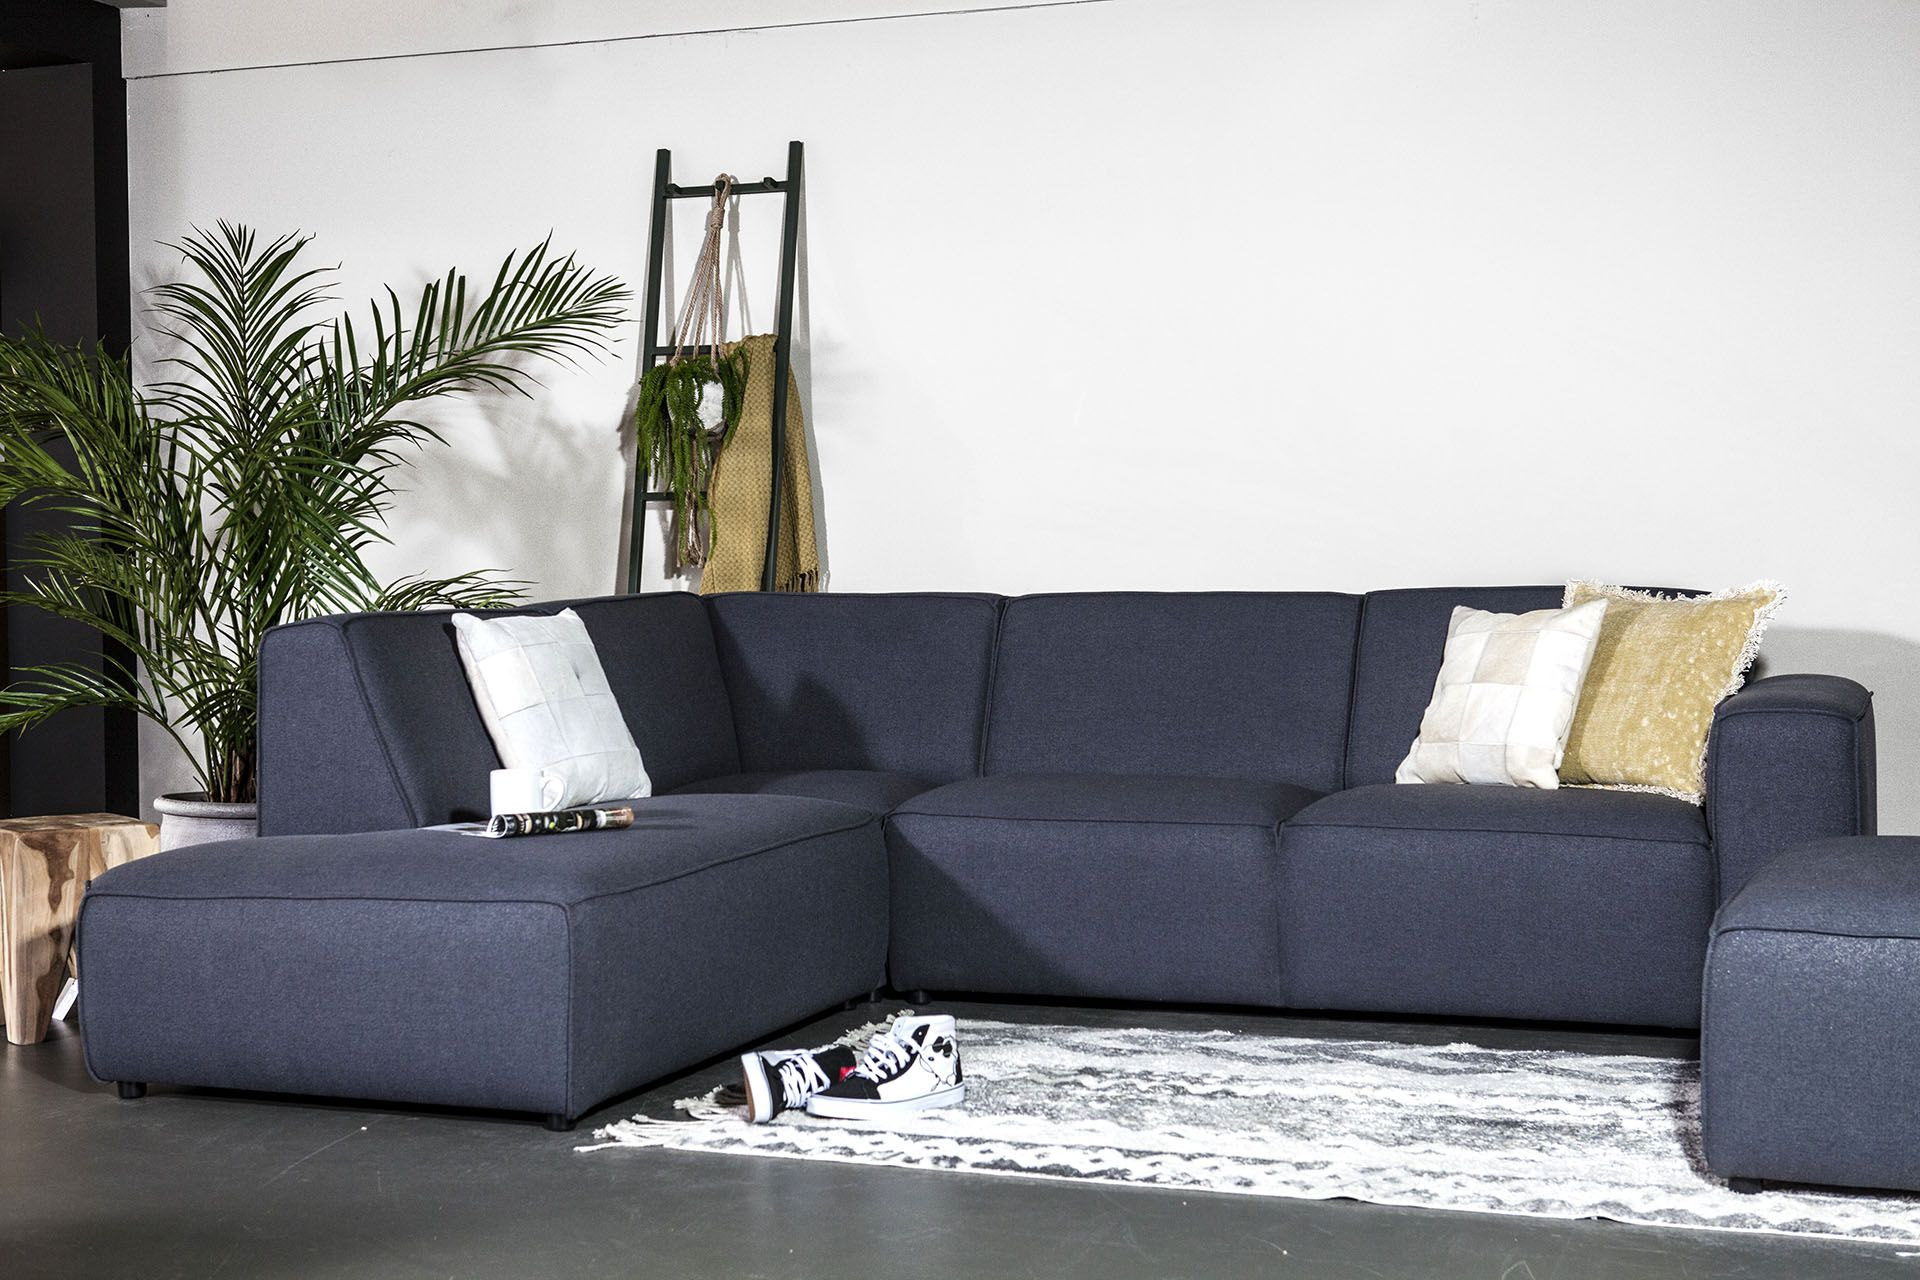 Kunst Leer Hoekbank Zwart.Amarillo Sevn Thuis Woonkamer Ideeen Voor Thuisdecoratie